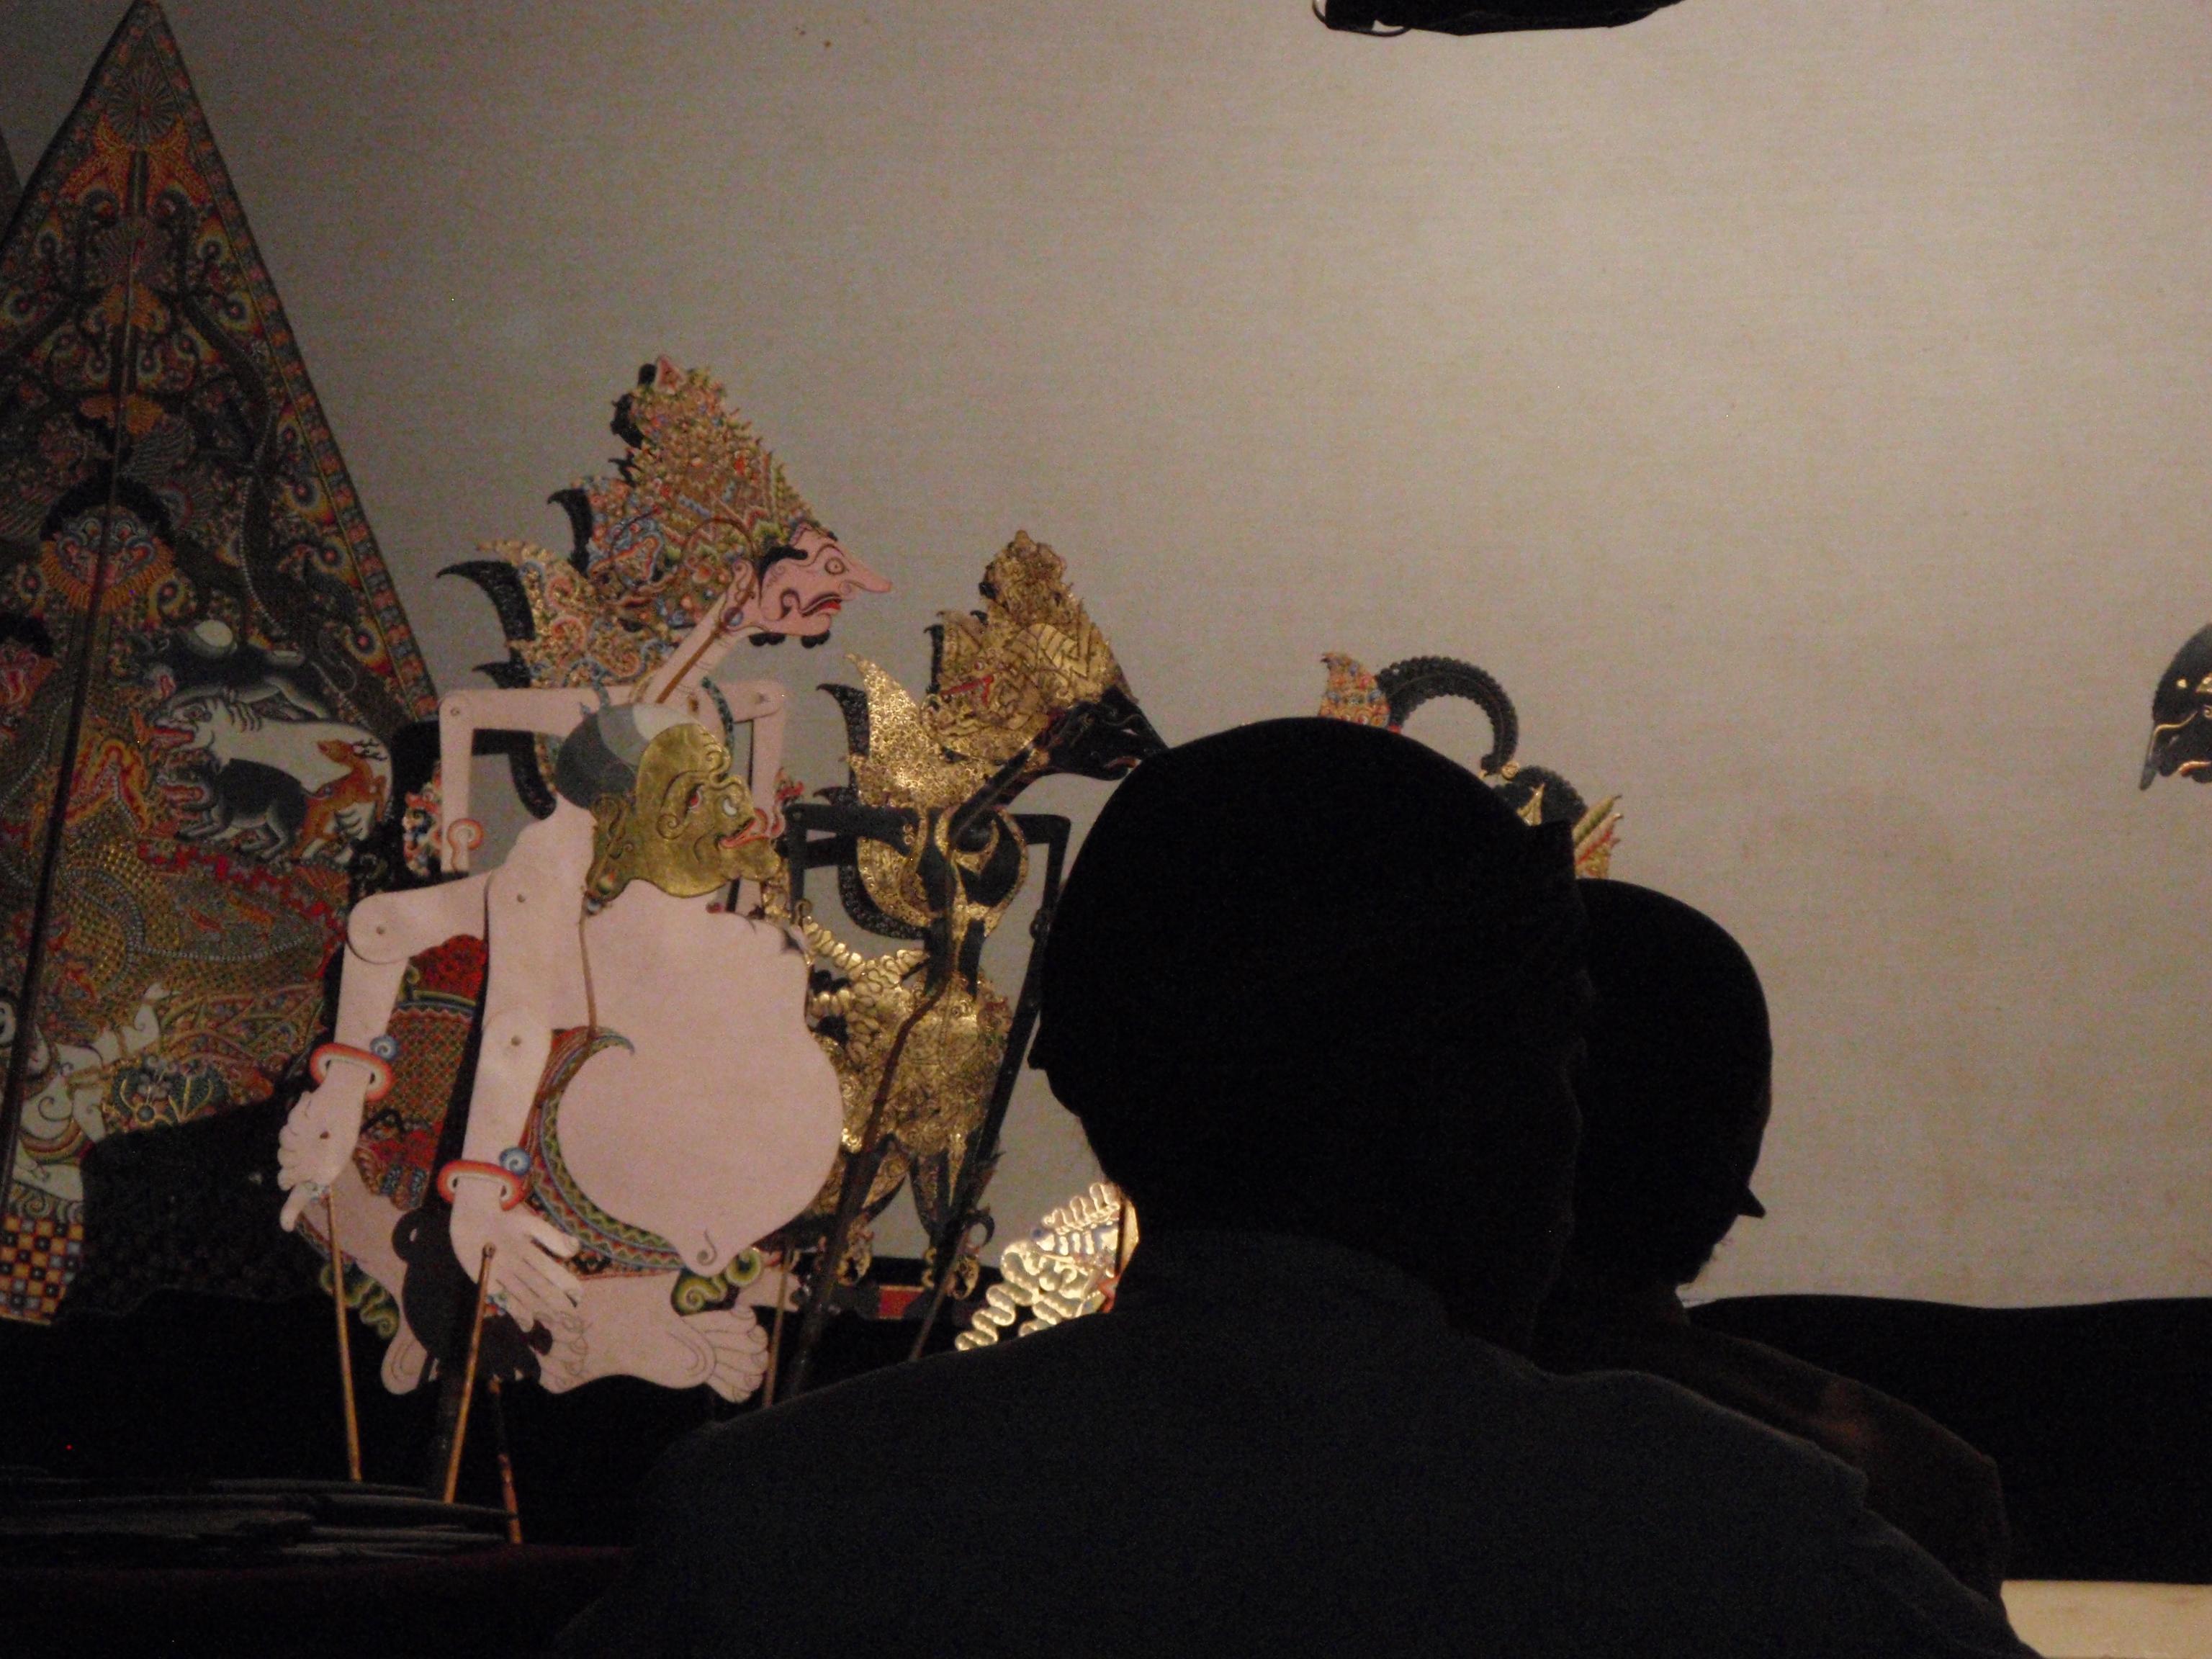 Semar et d'autres personnages, dans le style javanais de <em><em>wayang</em> kulit purwa</em>. Photo: Karen Smith